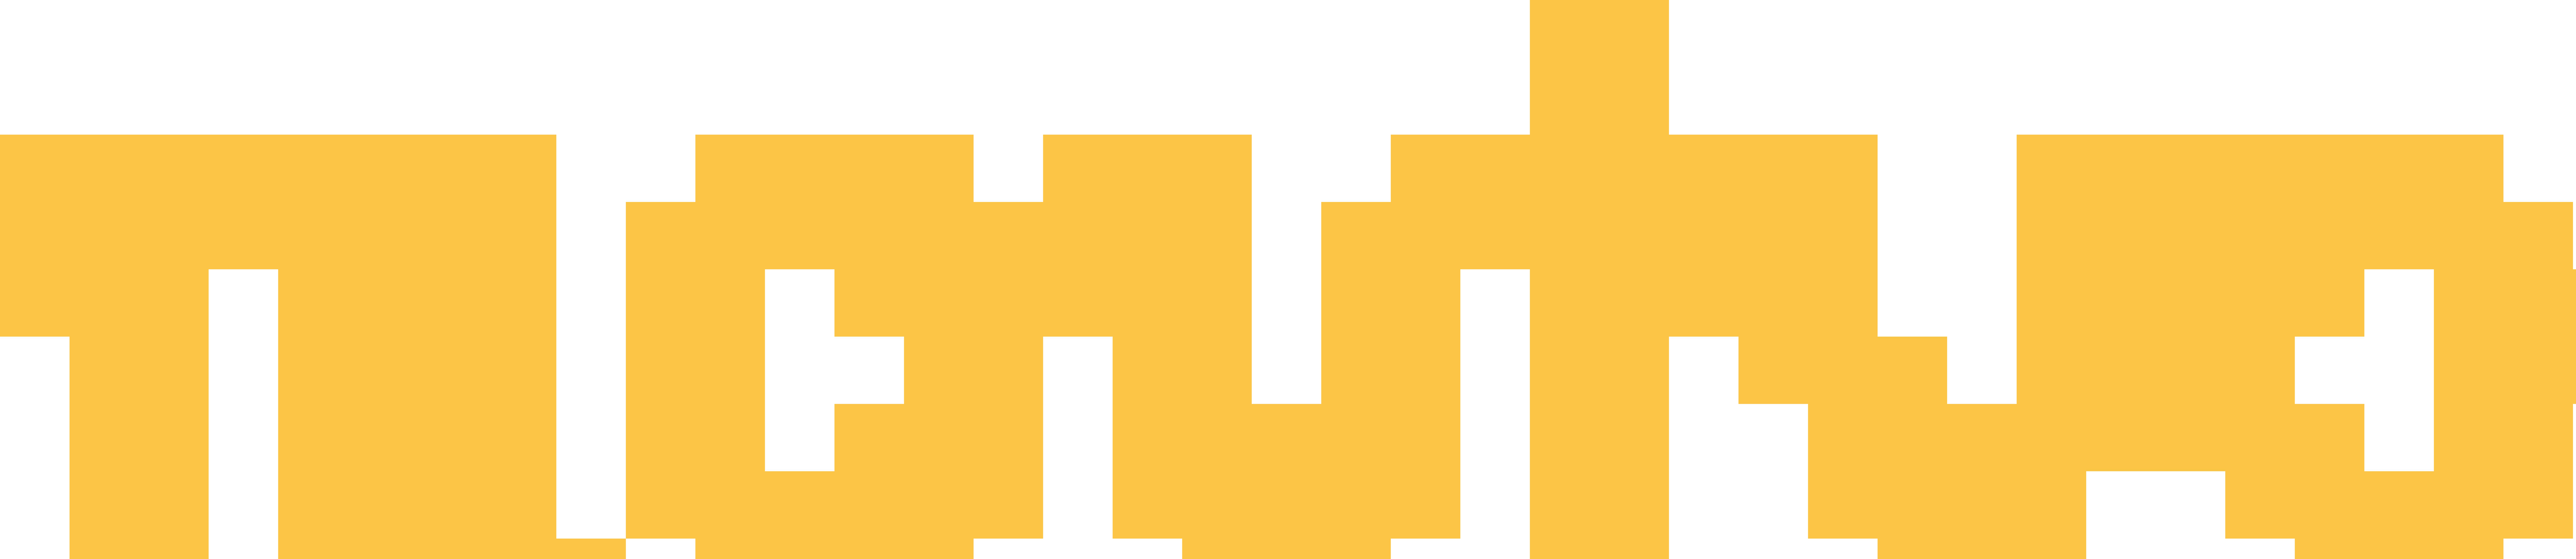 movivo-logo-claim